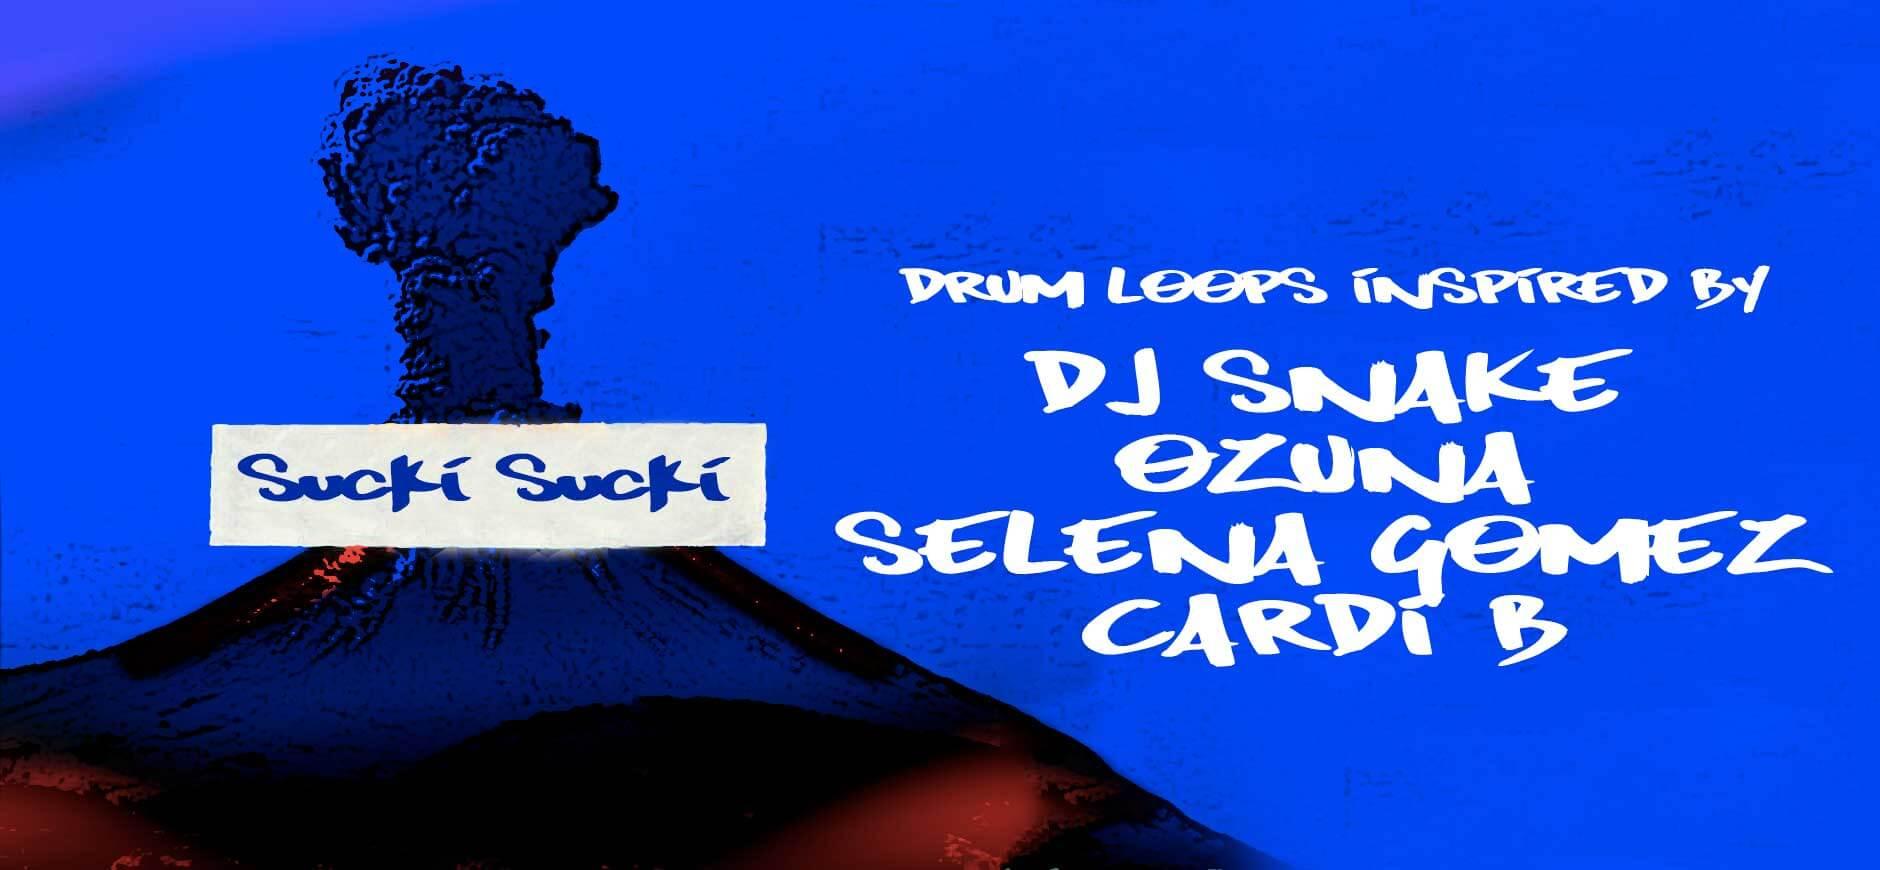 Taki Taki Drum Loops Kit Inspired by DJ Snake ft. Selena Gomez, Ozuna, & Cardi B